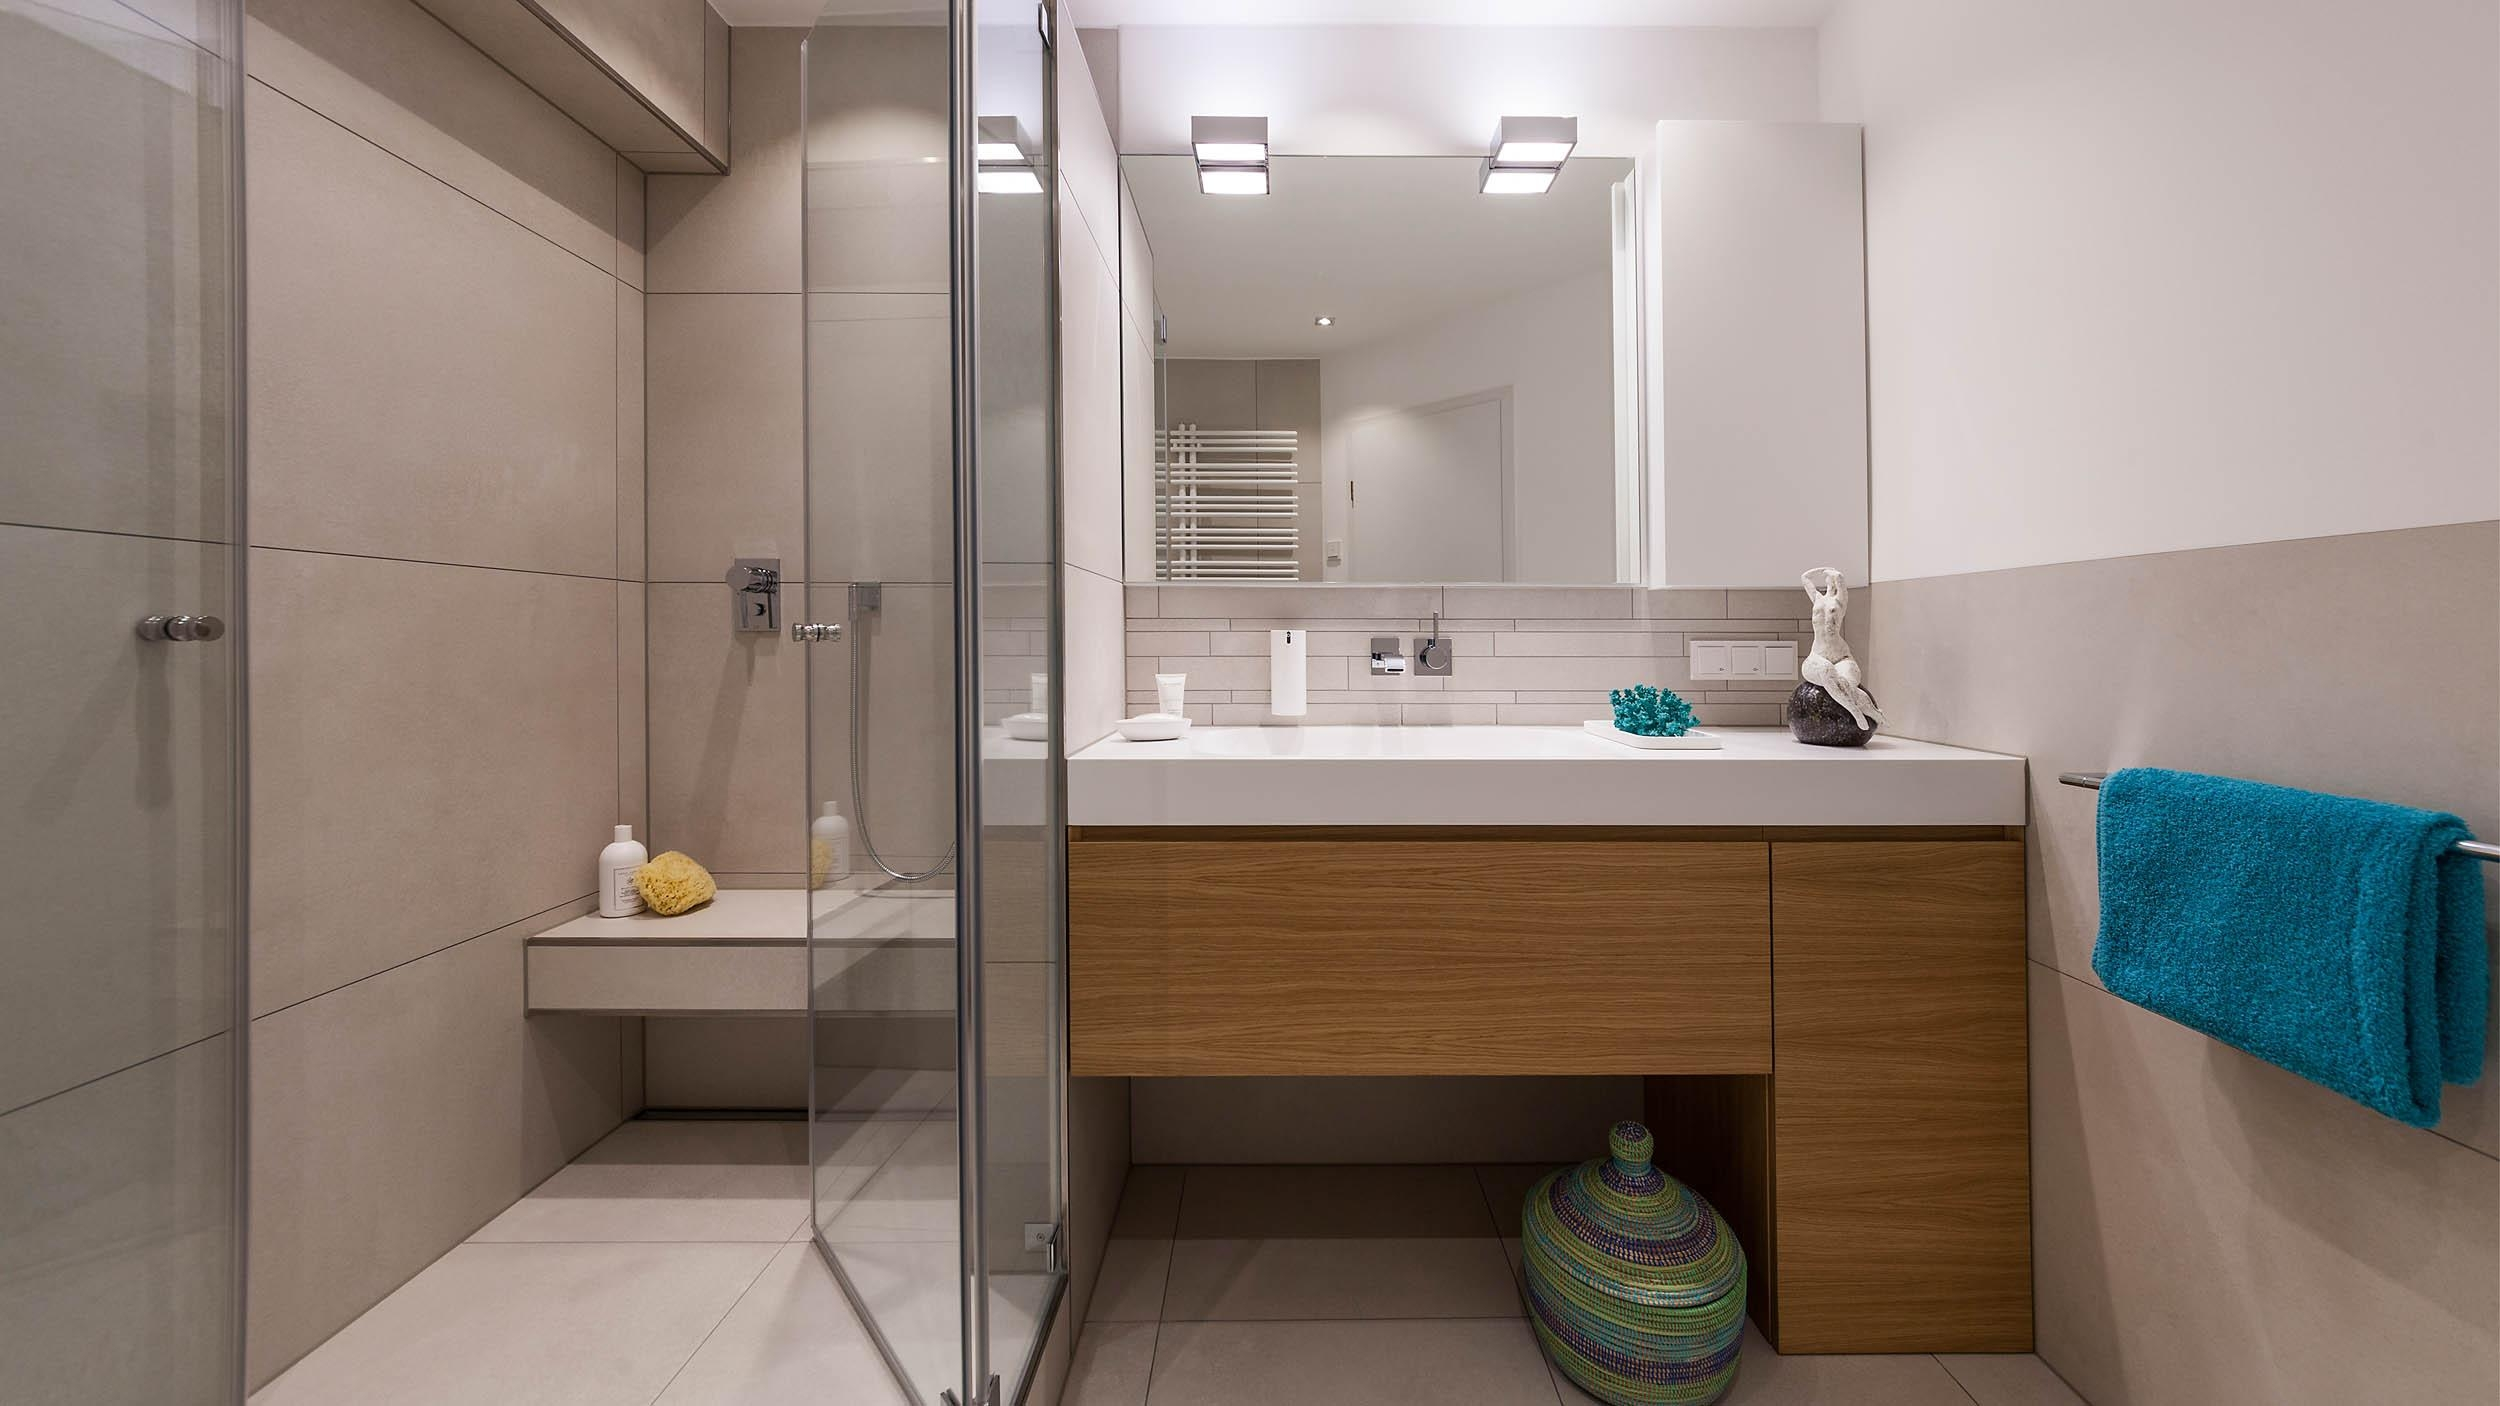 Badezimmermöbel: Einrichtungsideen für dein Bad!